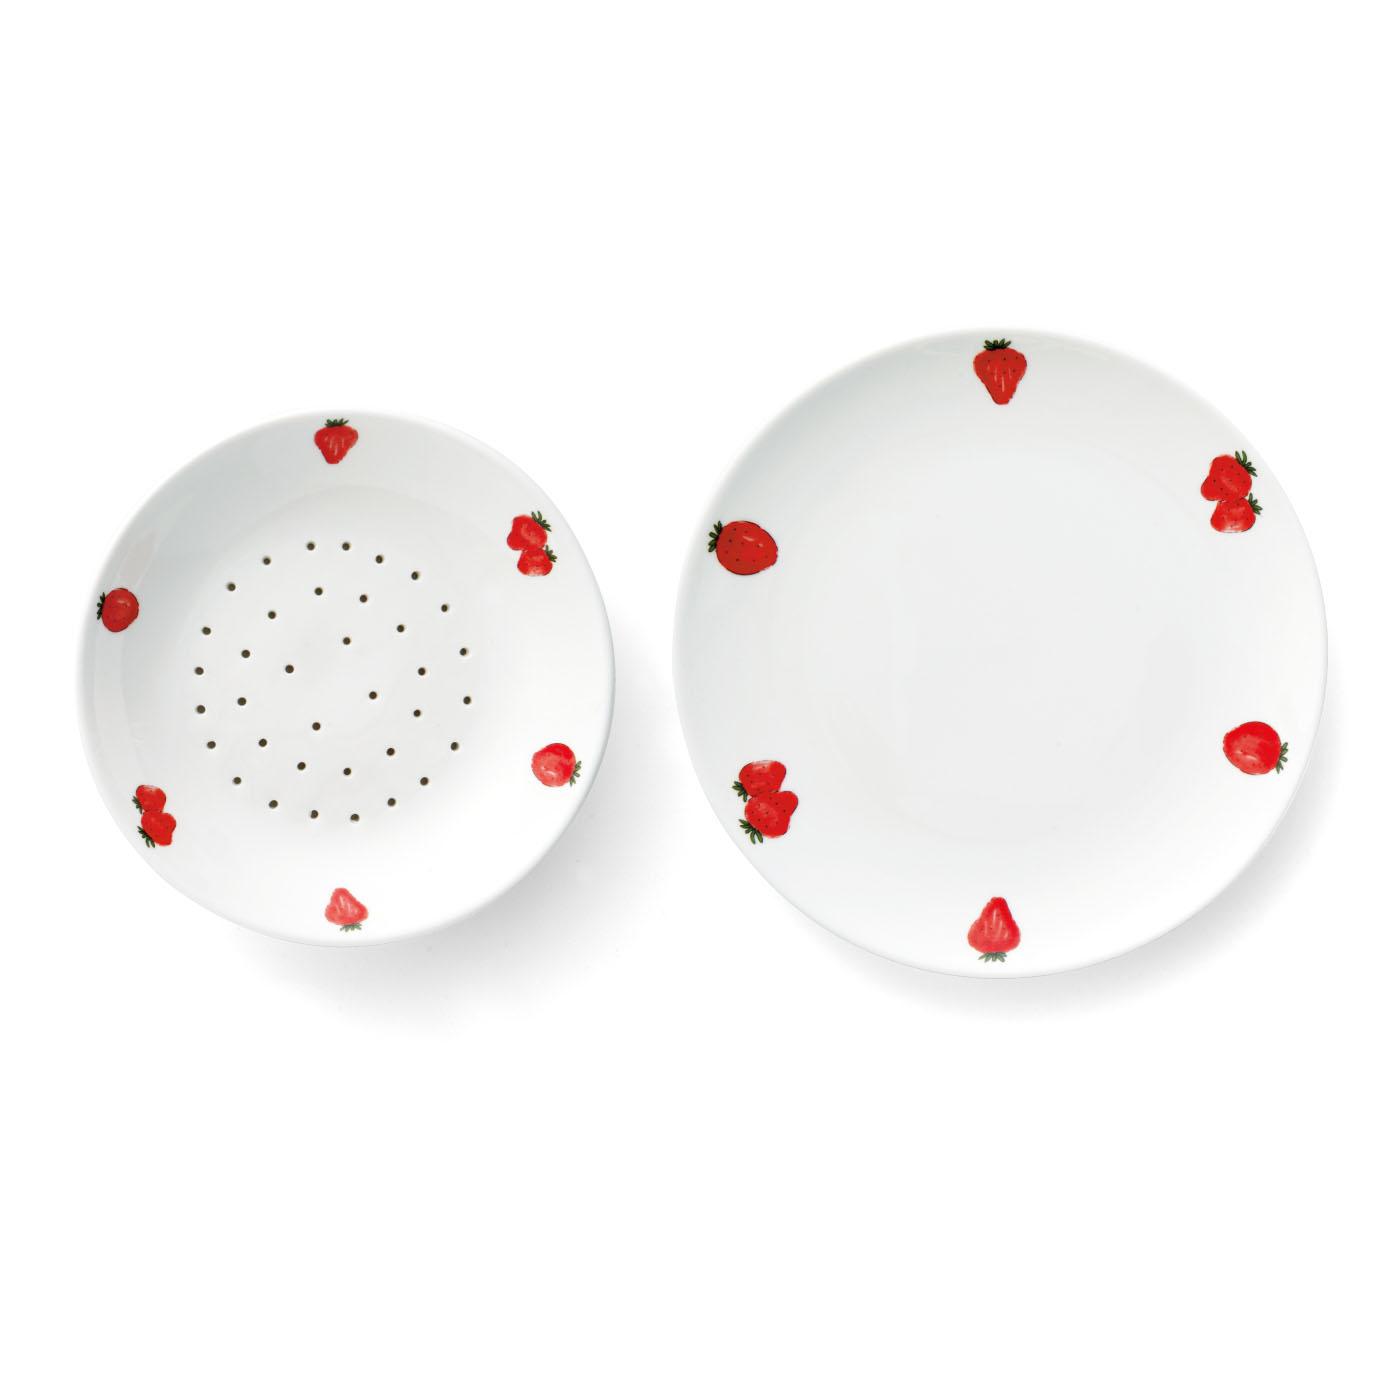 穴あき皿: 直径約19.5cm 受け皿: 直径約23cm